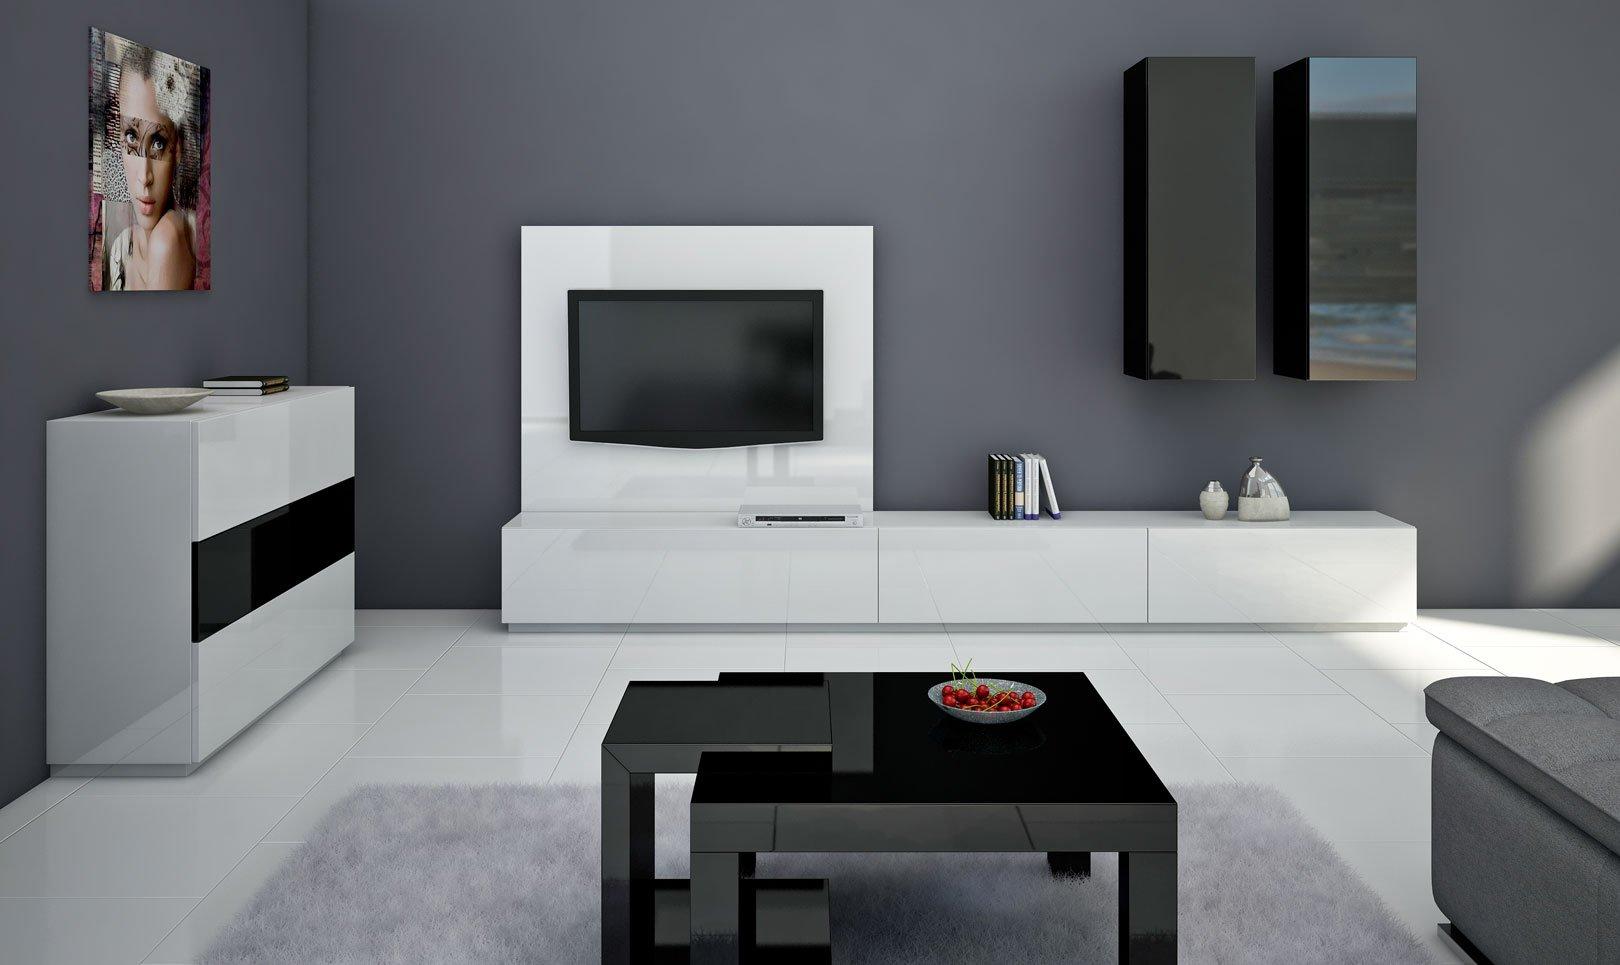 meble do pokoju z podwieszanymi komodami nowoczesne